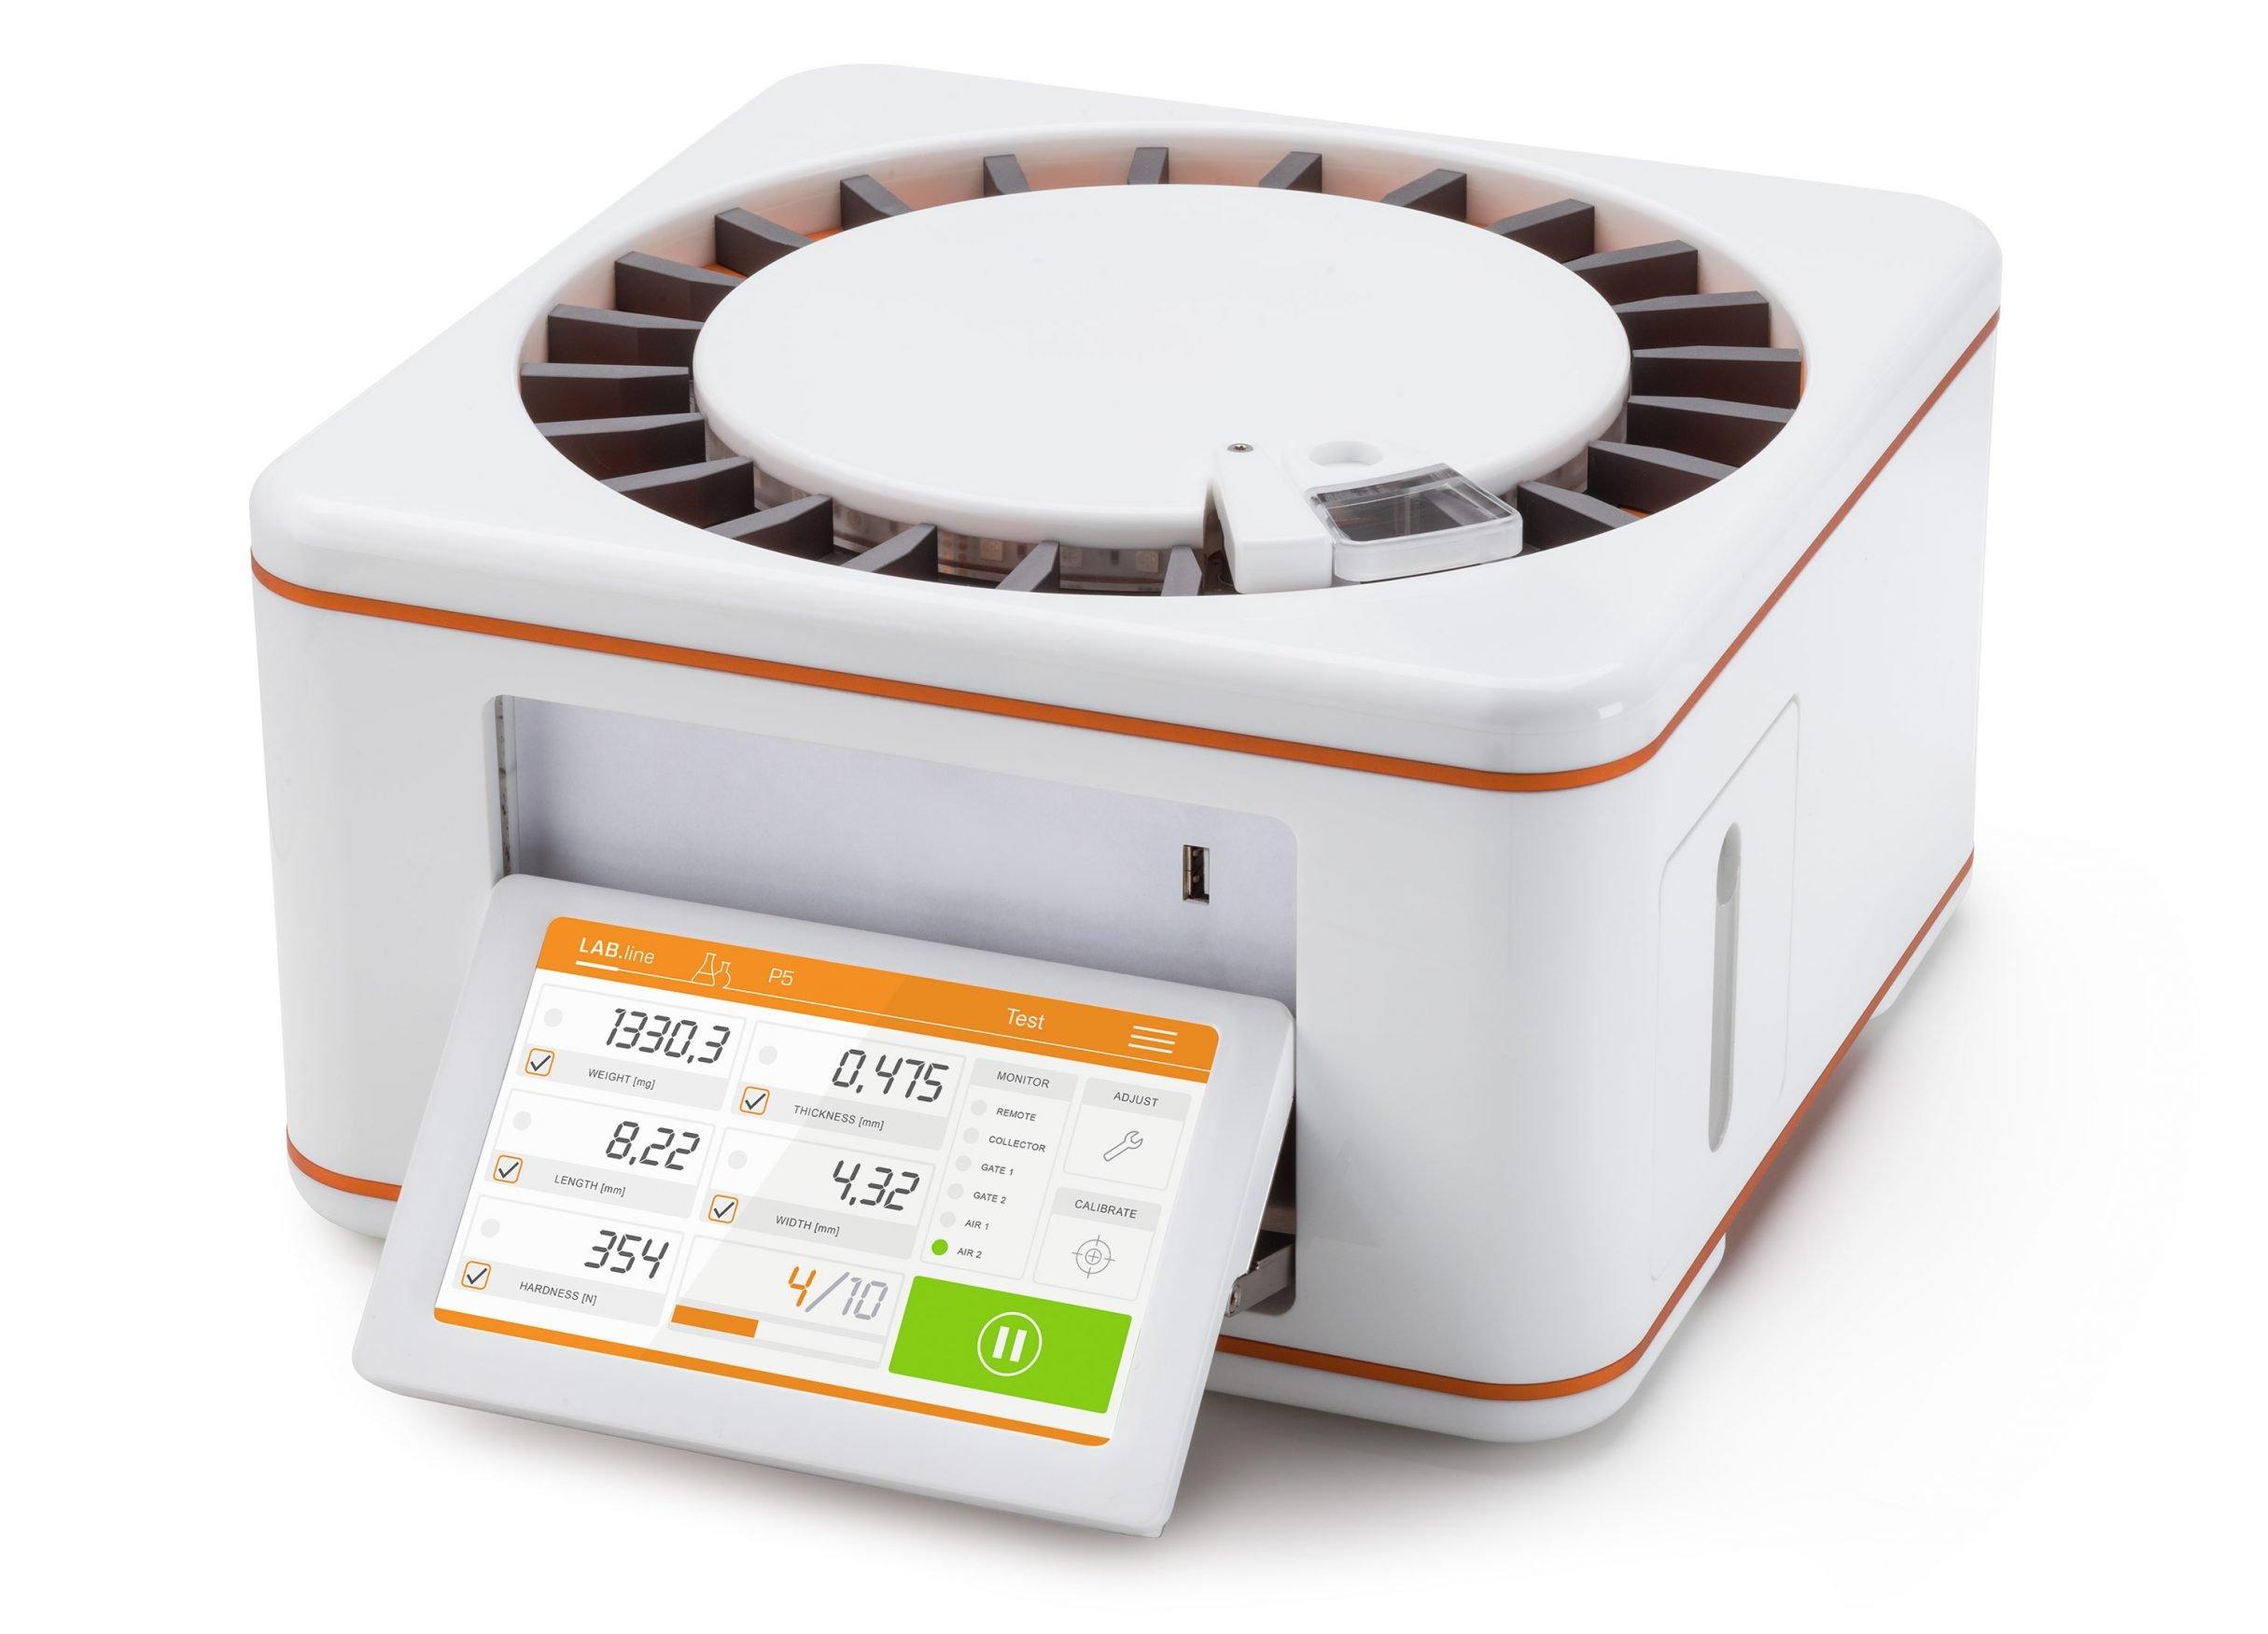 Tablettentester mit Touchscreen Kraemer Elektronik: DIE NEUDENKER® Agentur, Darmstadt